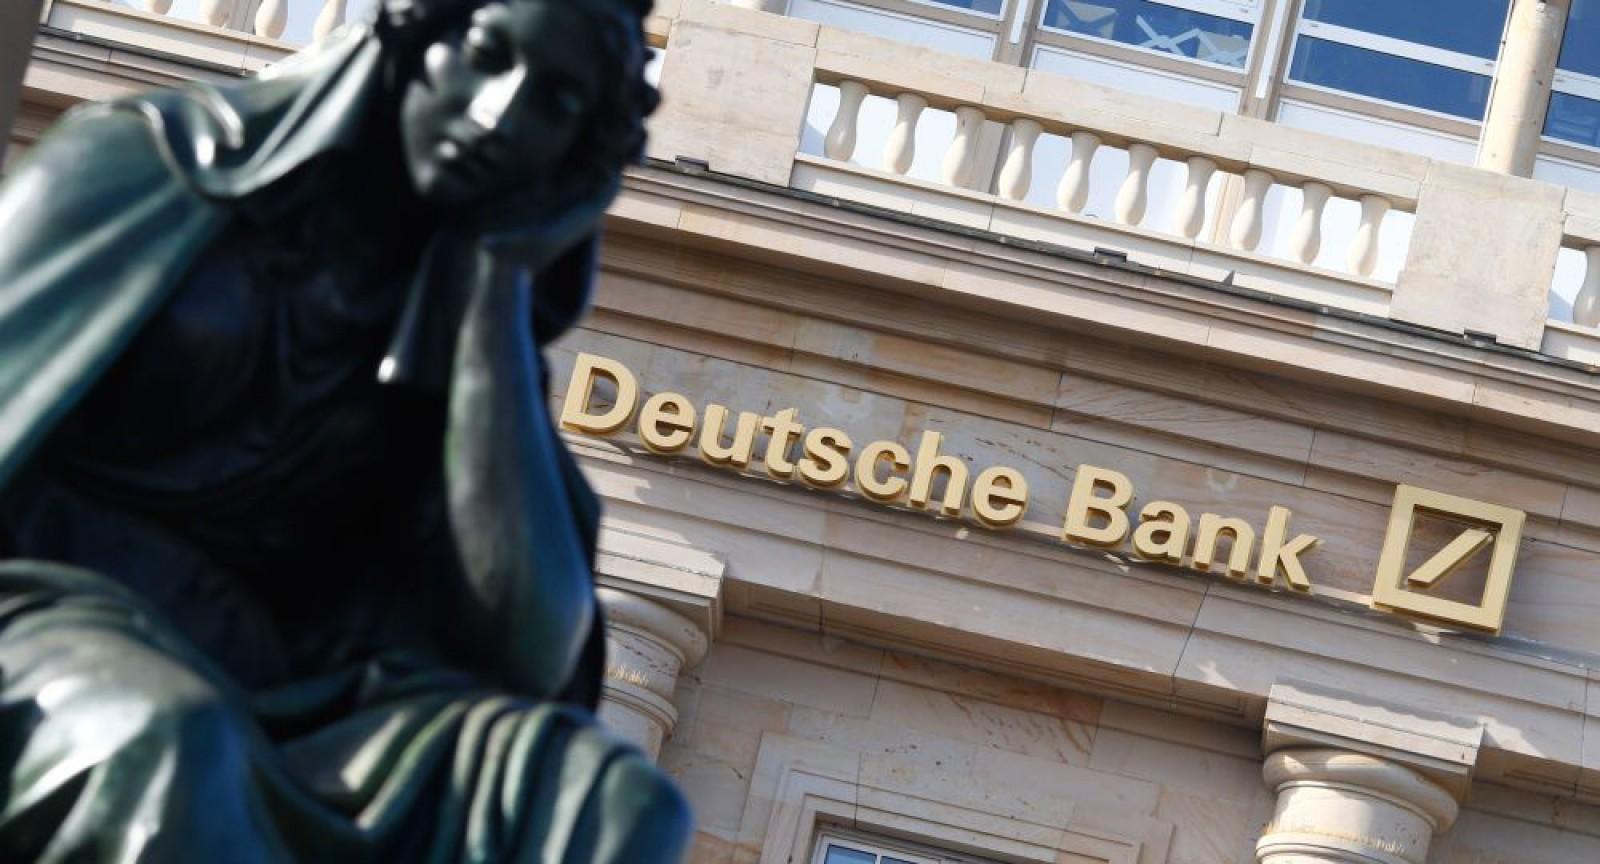 Deutsche Bank a transferat din greașeală, în 2014, 21 de miliarde de euro